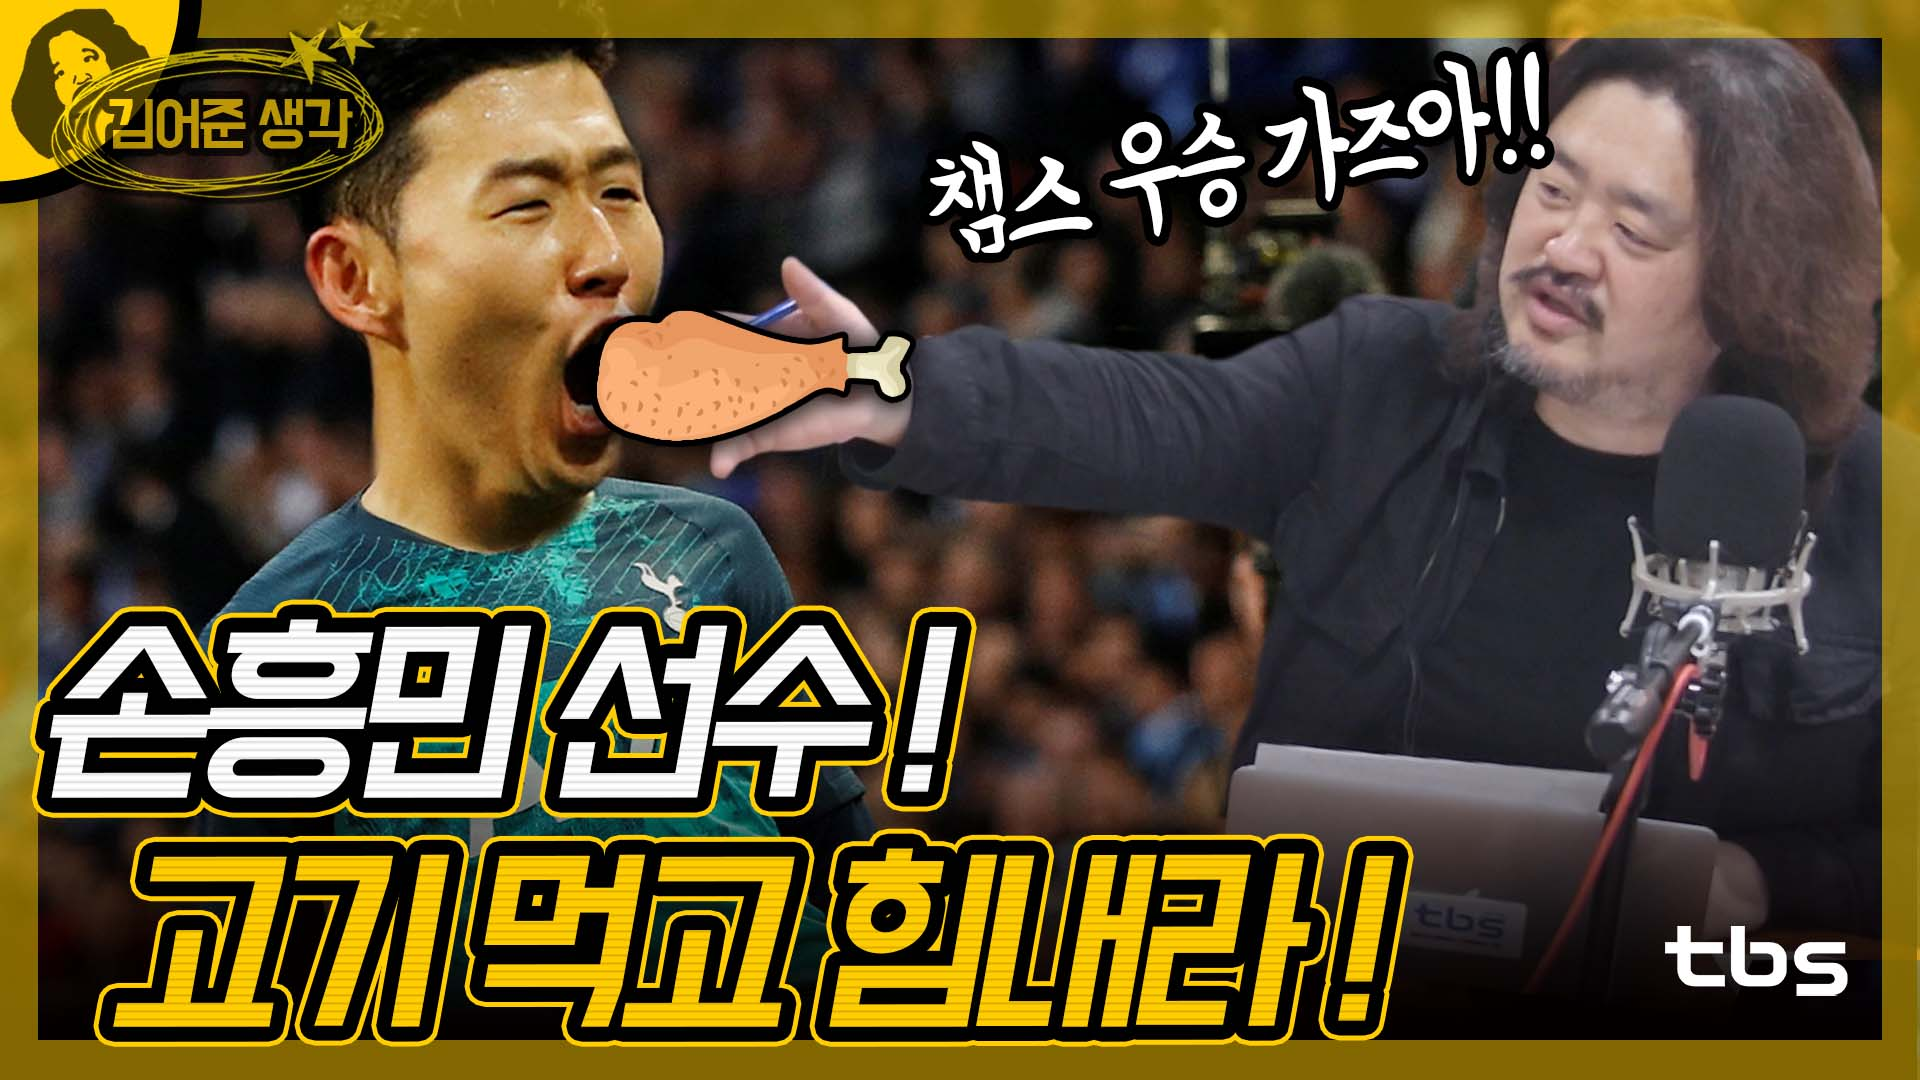 손흥민 선수! 고기 많이 먹고 힘내라! [김어준의 뉴스공장/김어준생각]